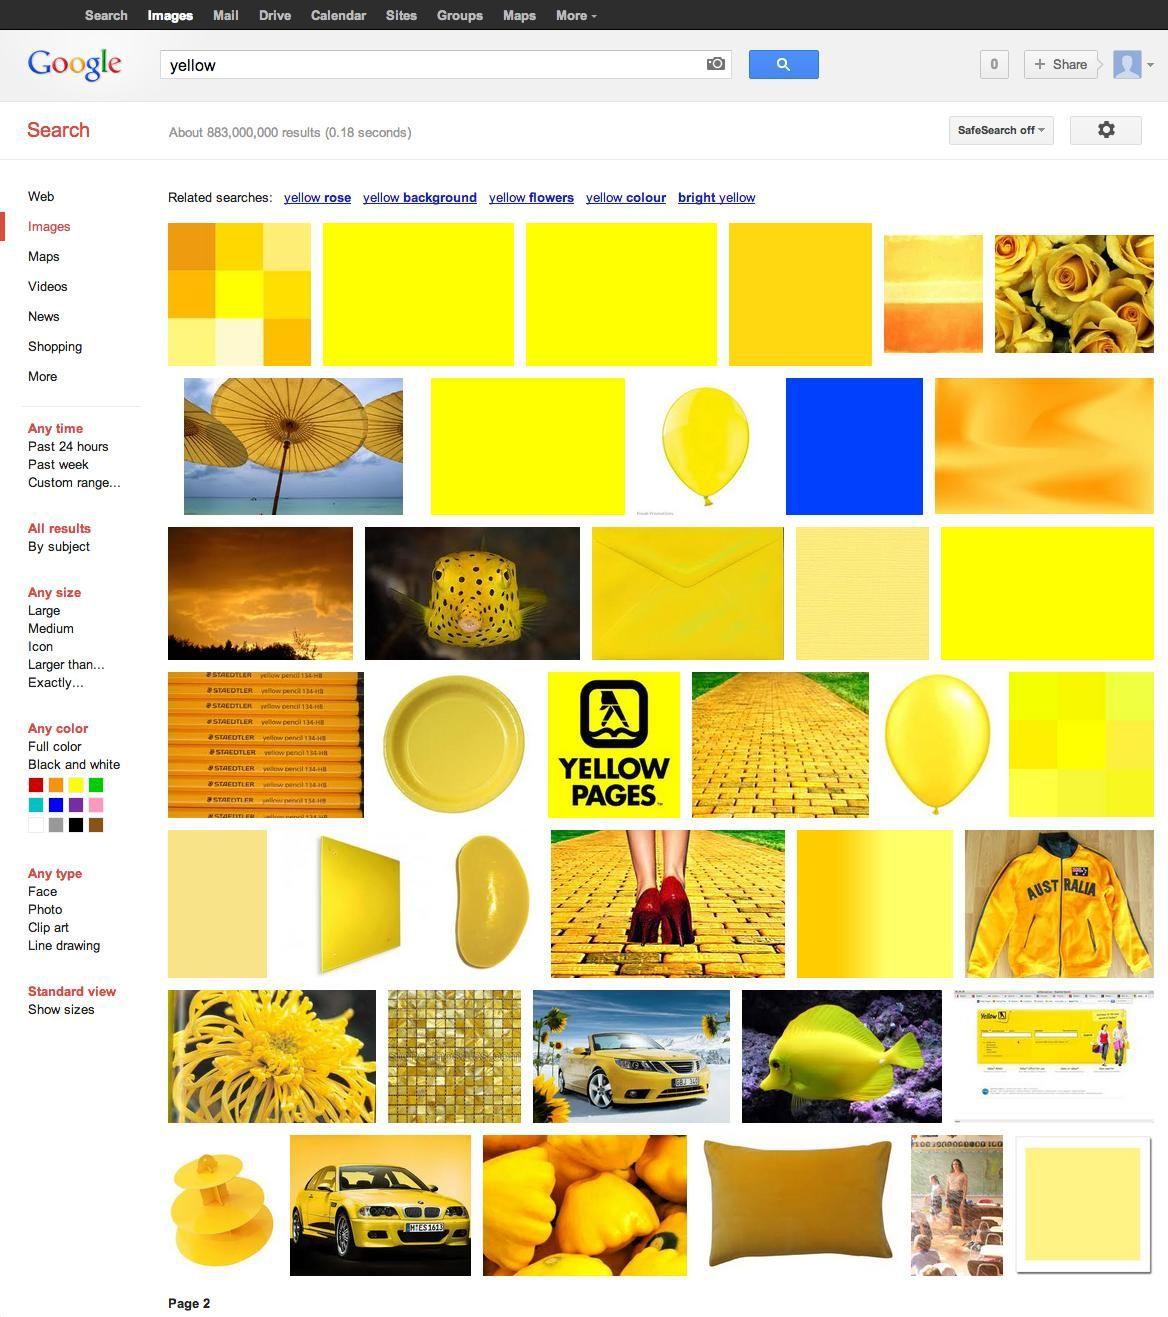 yellow-yellow-yellow-blue